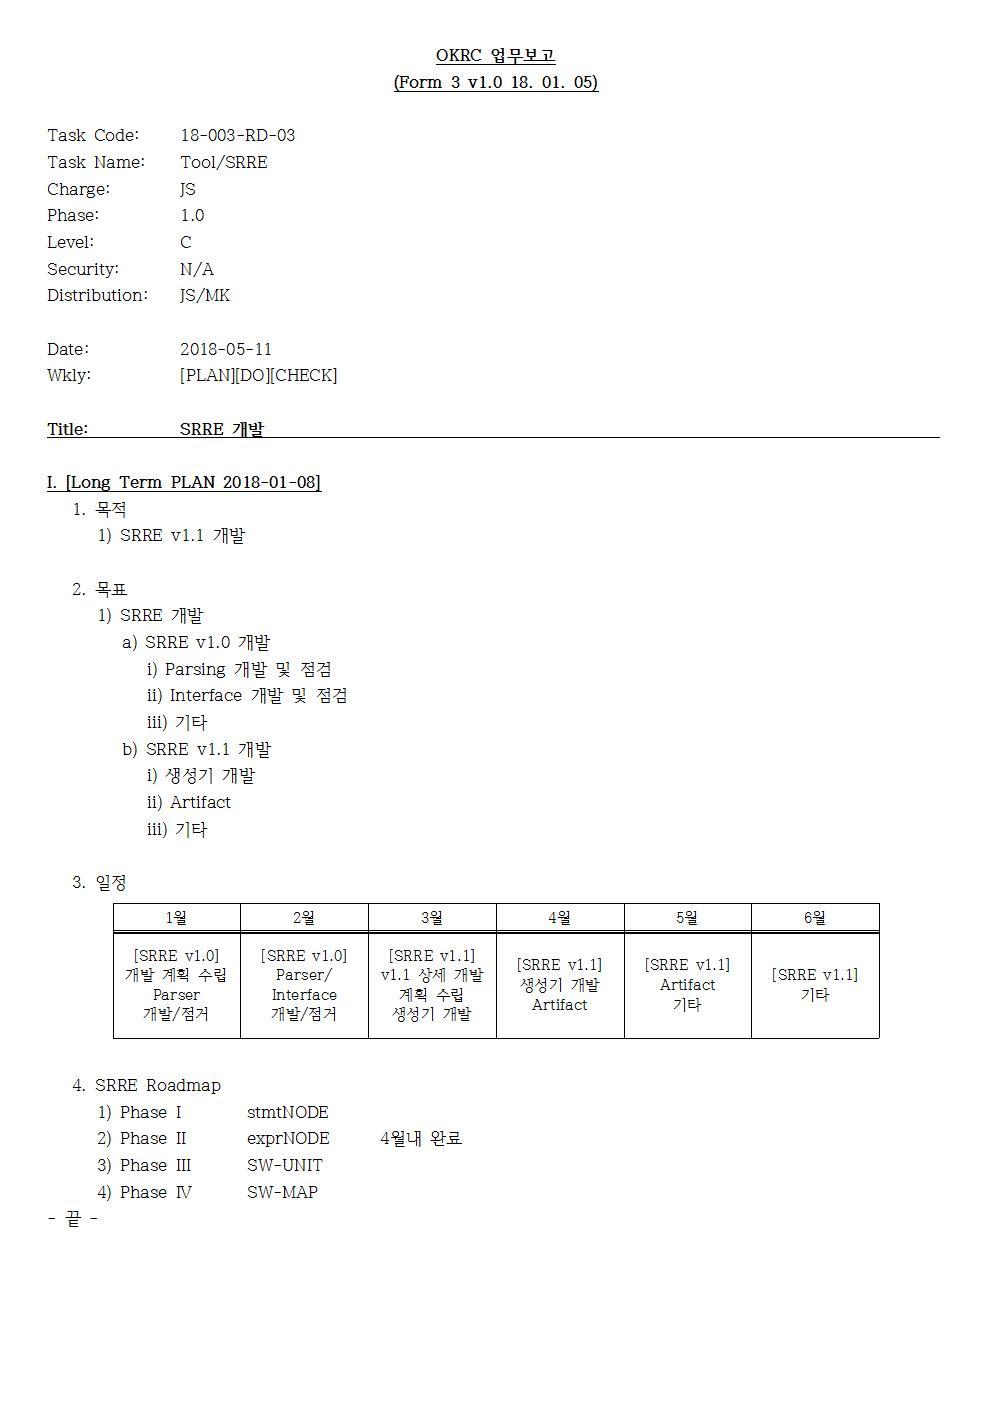 D-[18-003-RD-03]-[SRRE]-[2018-05-11][JS]001.jpg